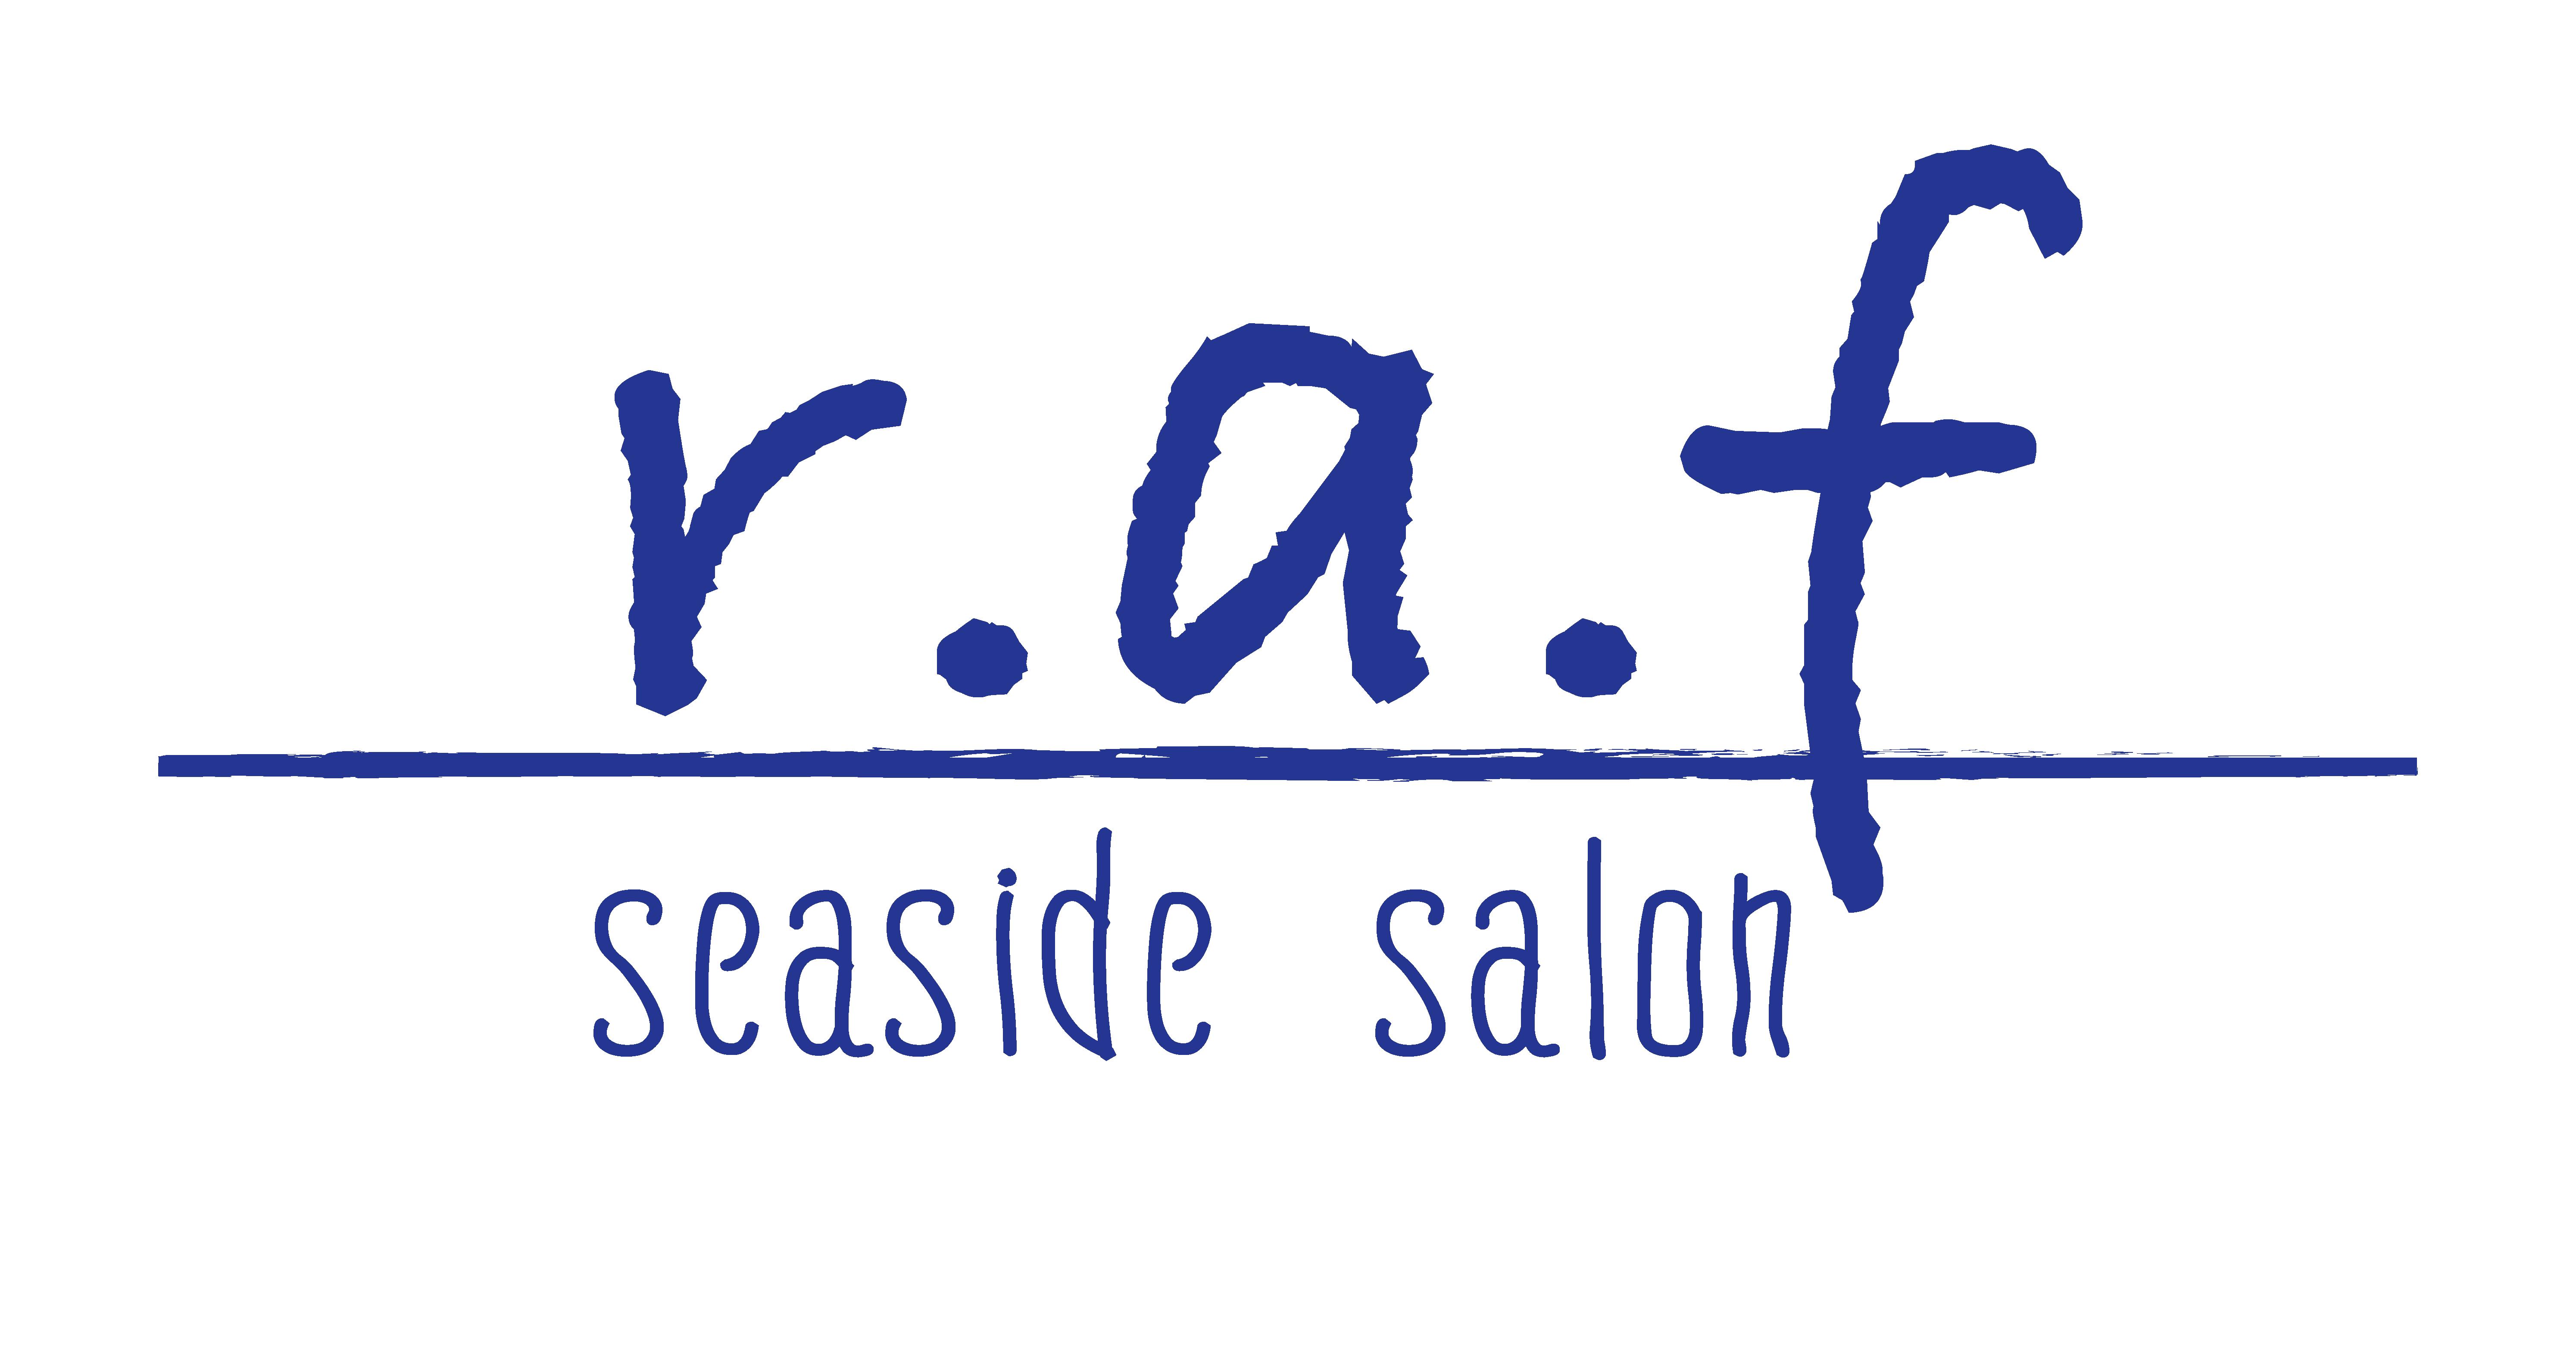 福津市津屋崎の美容室 r.a.f seaside salon -ラフ-